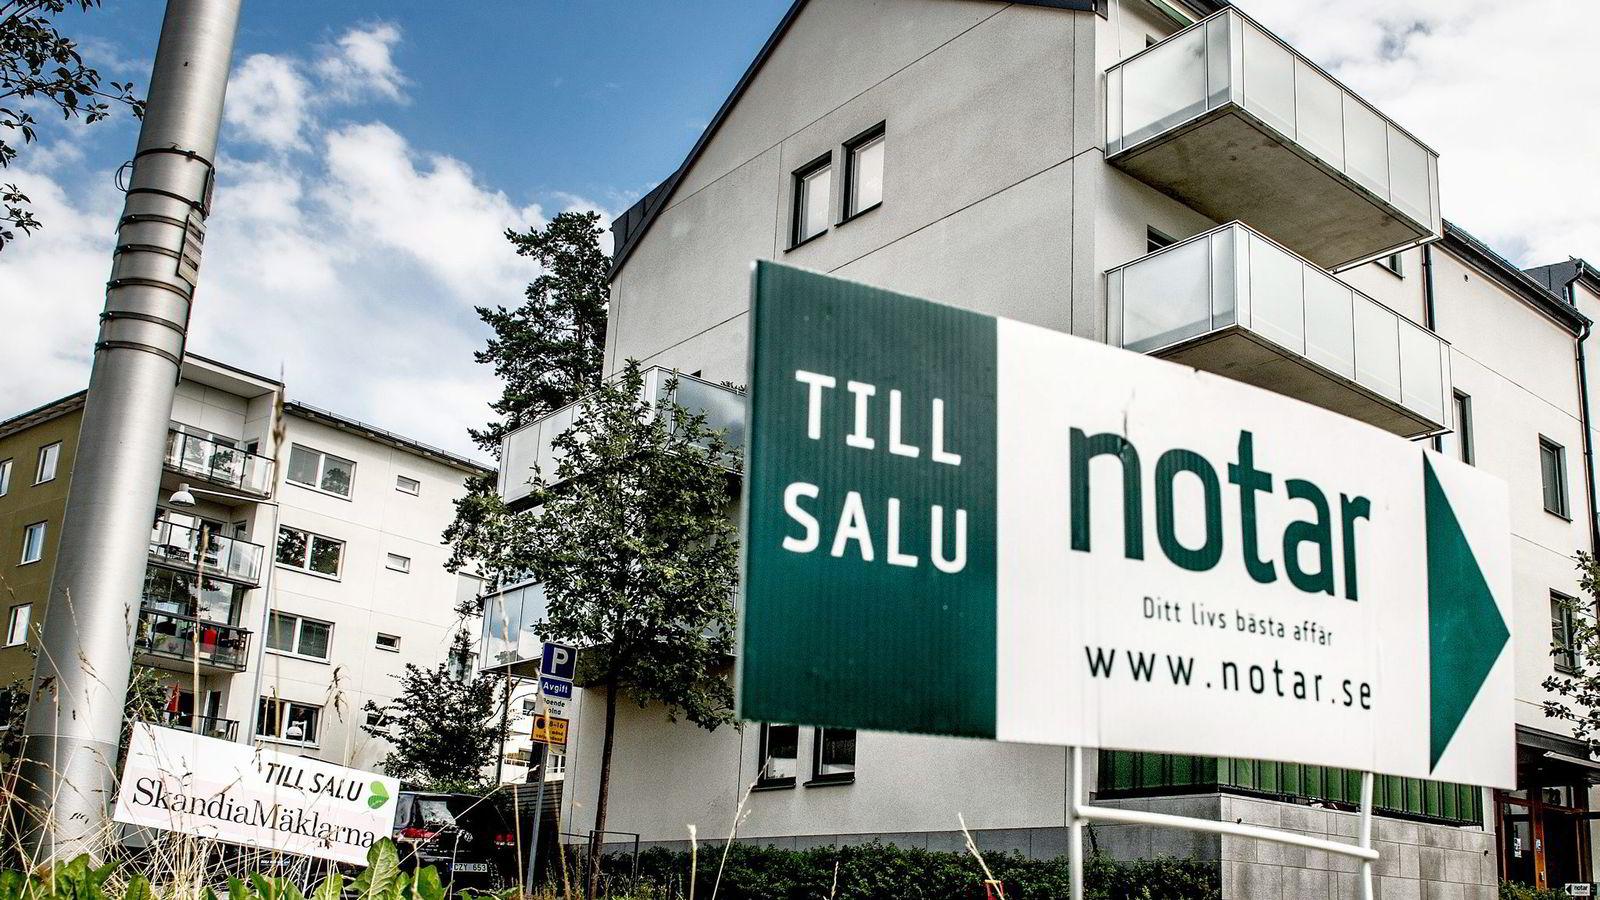 Det er blitt roligere på boligvisningene i Stockholm. Seks av ti svensker venter nå en mer dempet utvikling fremover. Foto: Tomas Oneborg /SvD/NTB Scanpix